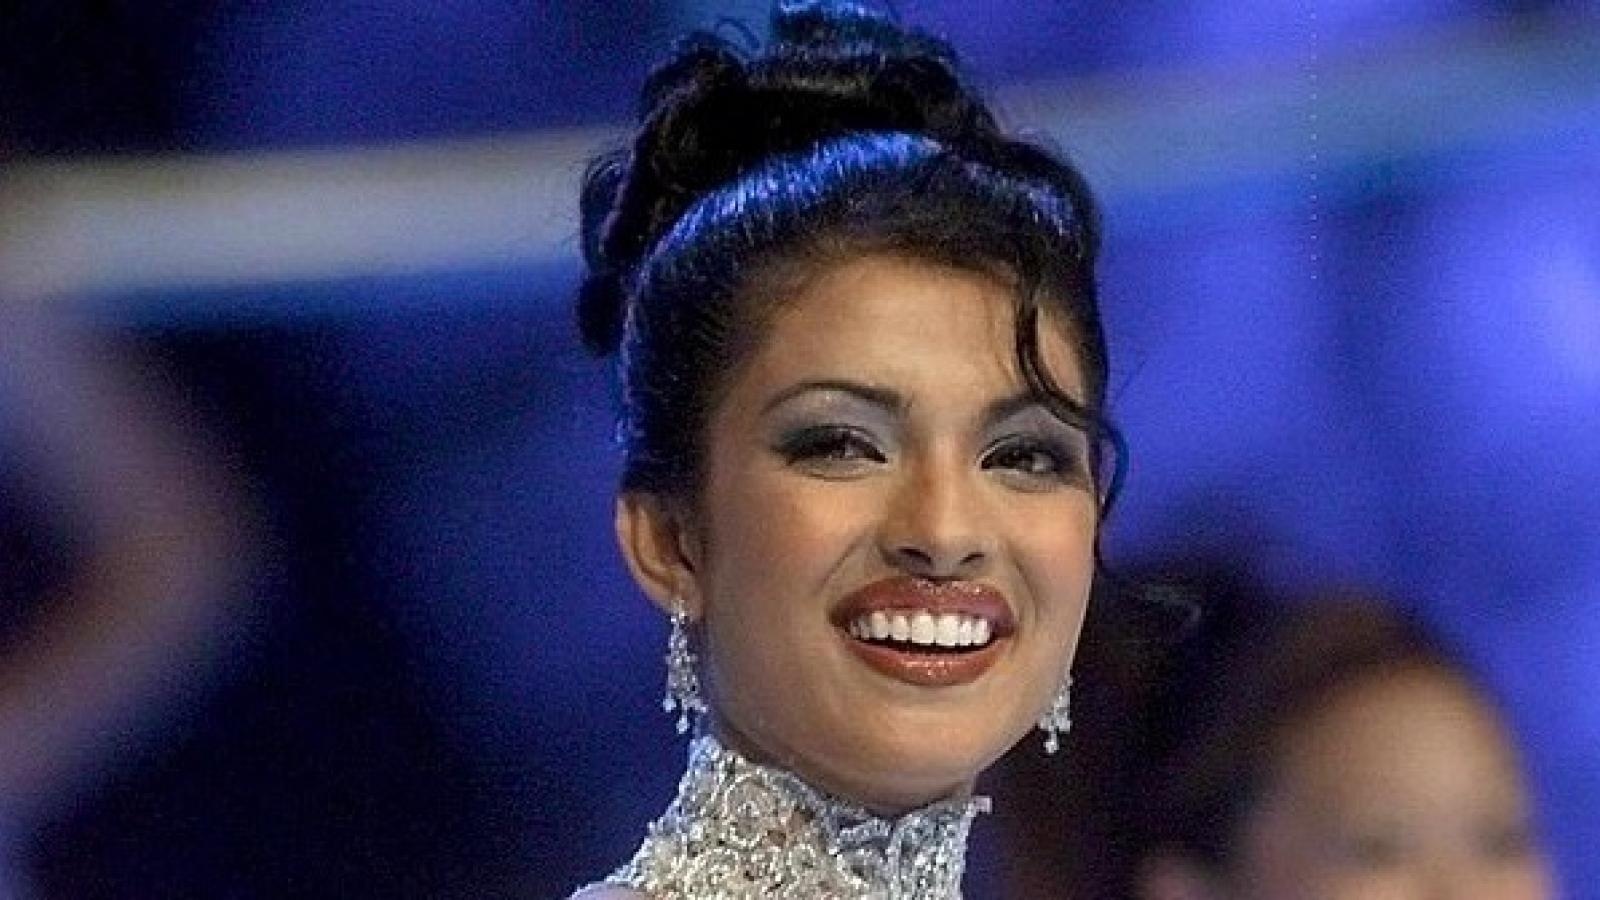 Hoa hậu Thế giới 2000 lần đầu kể về sự cố trang phục trong đêm chung kết 20 năm trước